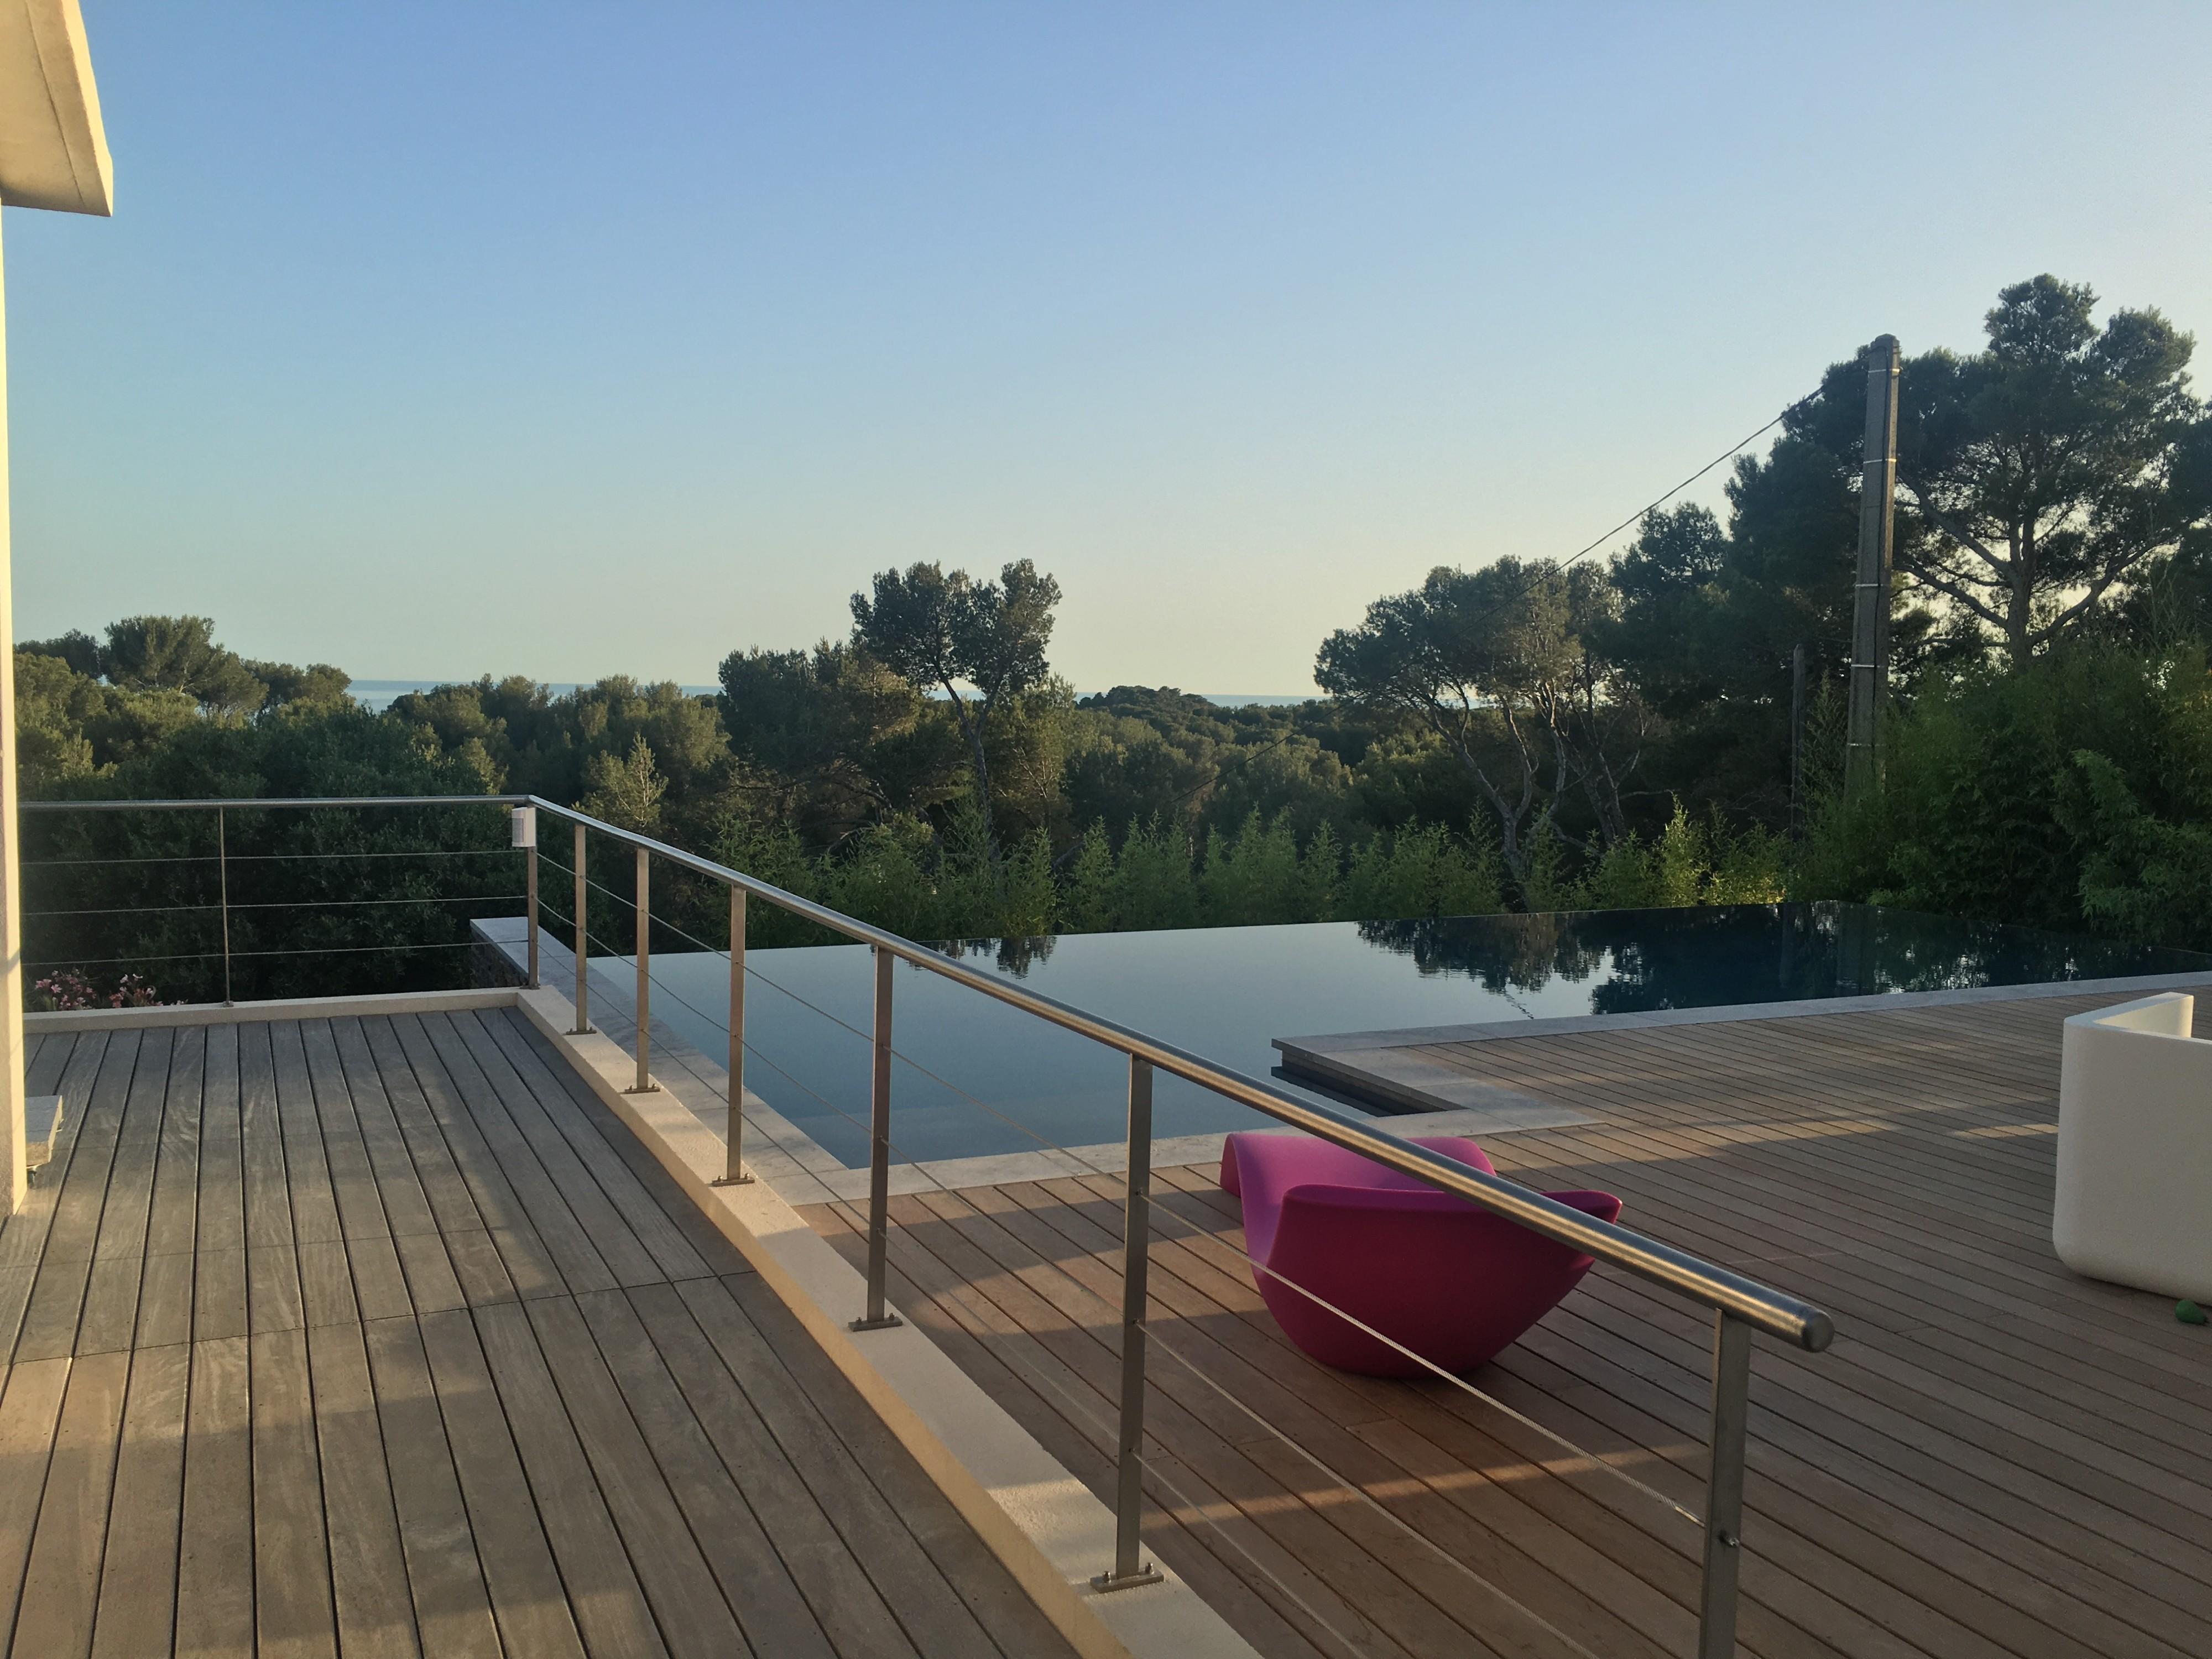 L 39 entretien d 39 une terrasse en bois cabri s am nagement - Mobilier jardin teck entretien aixen provence ...